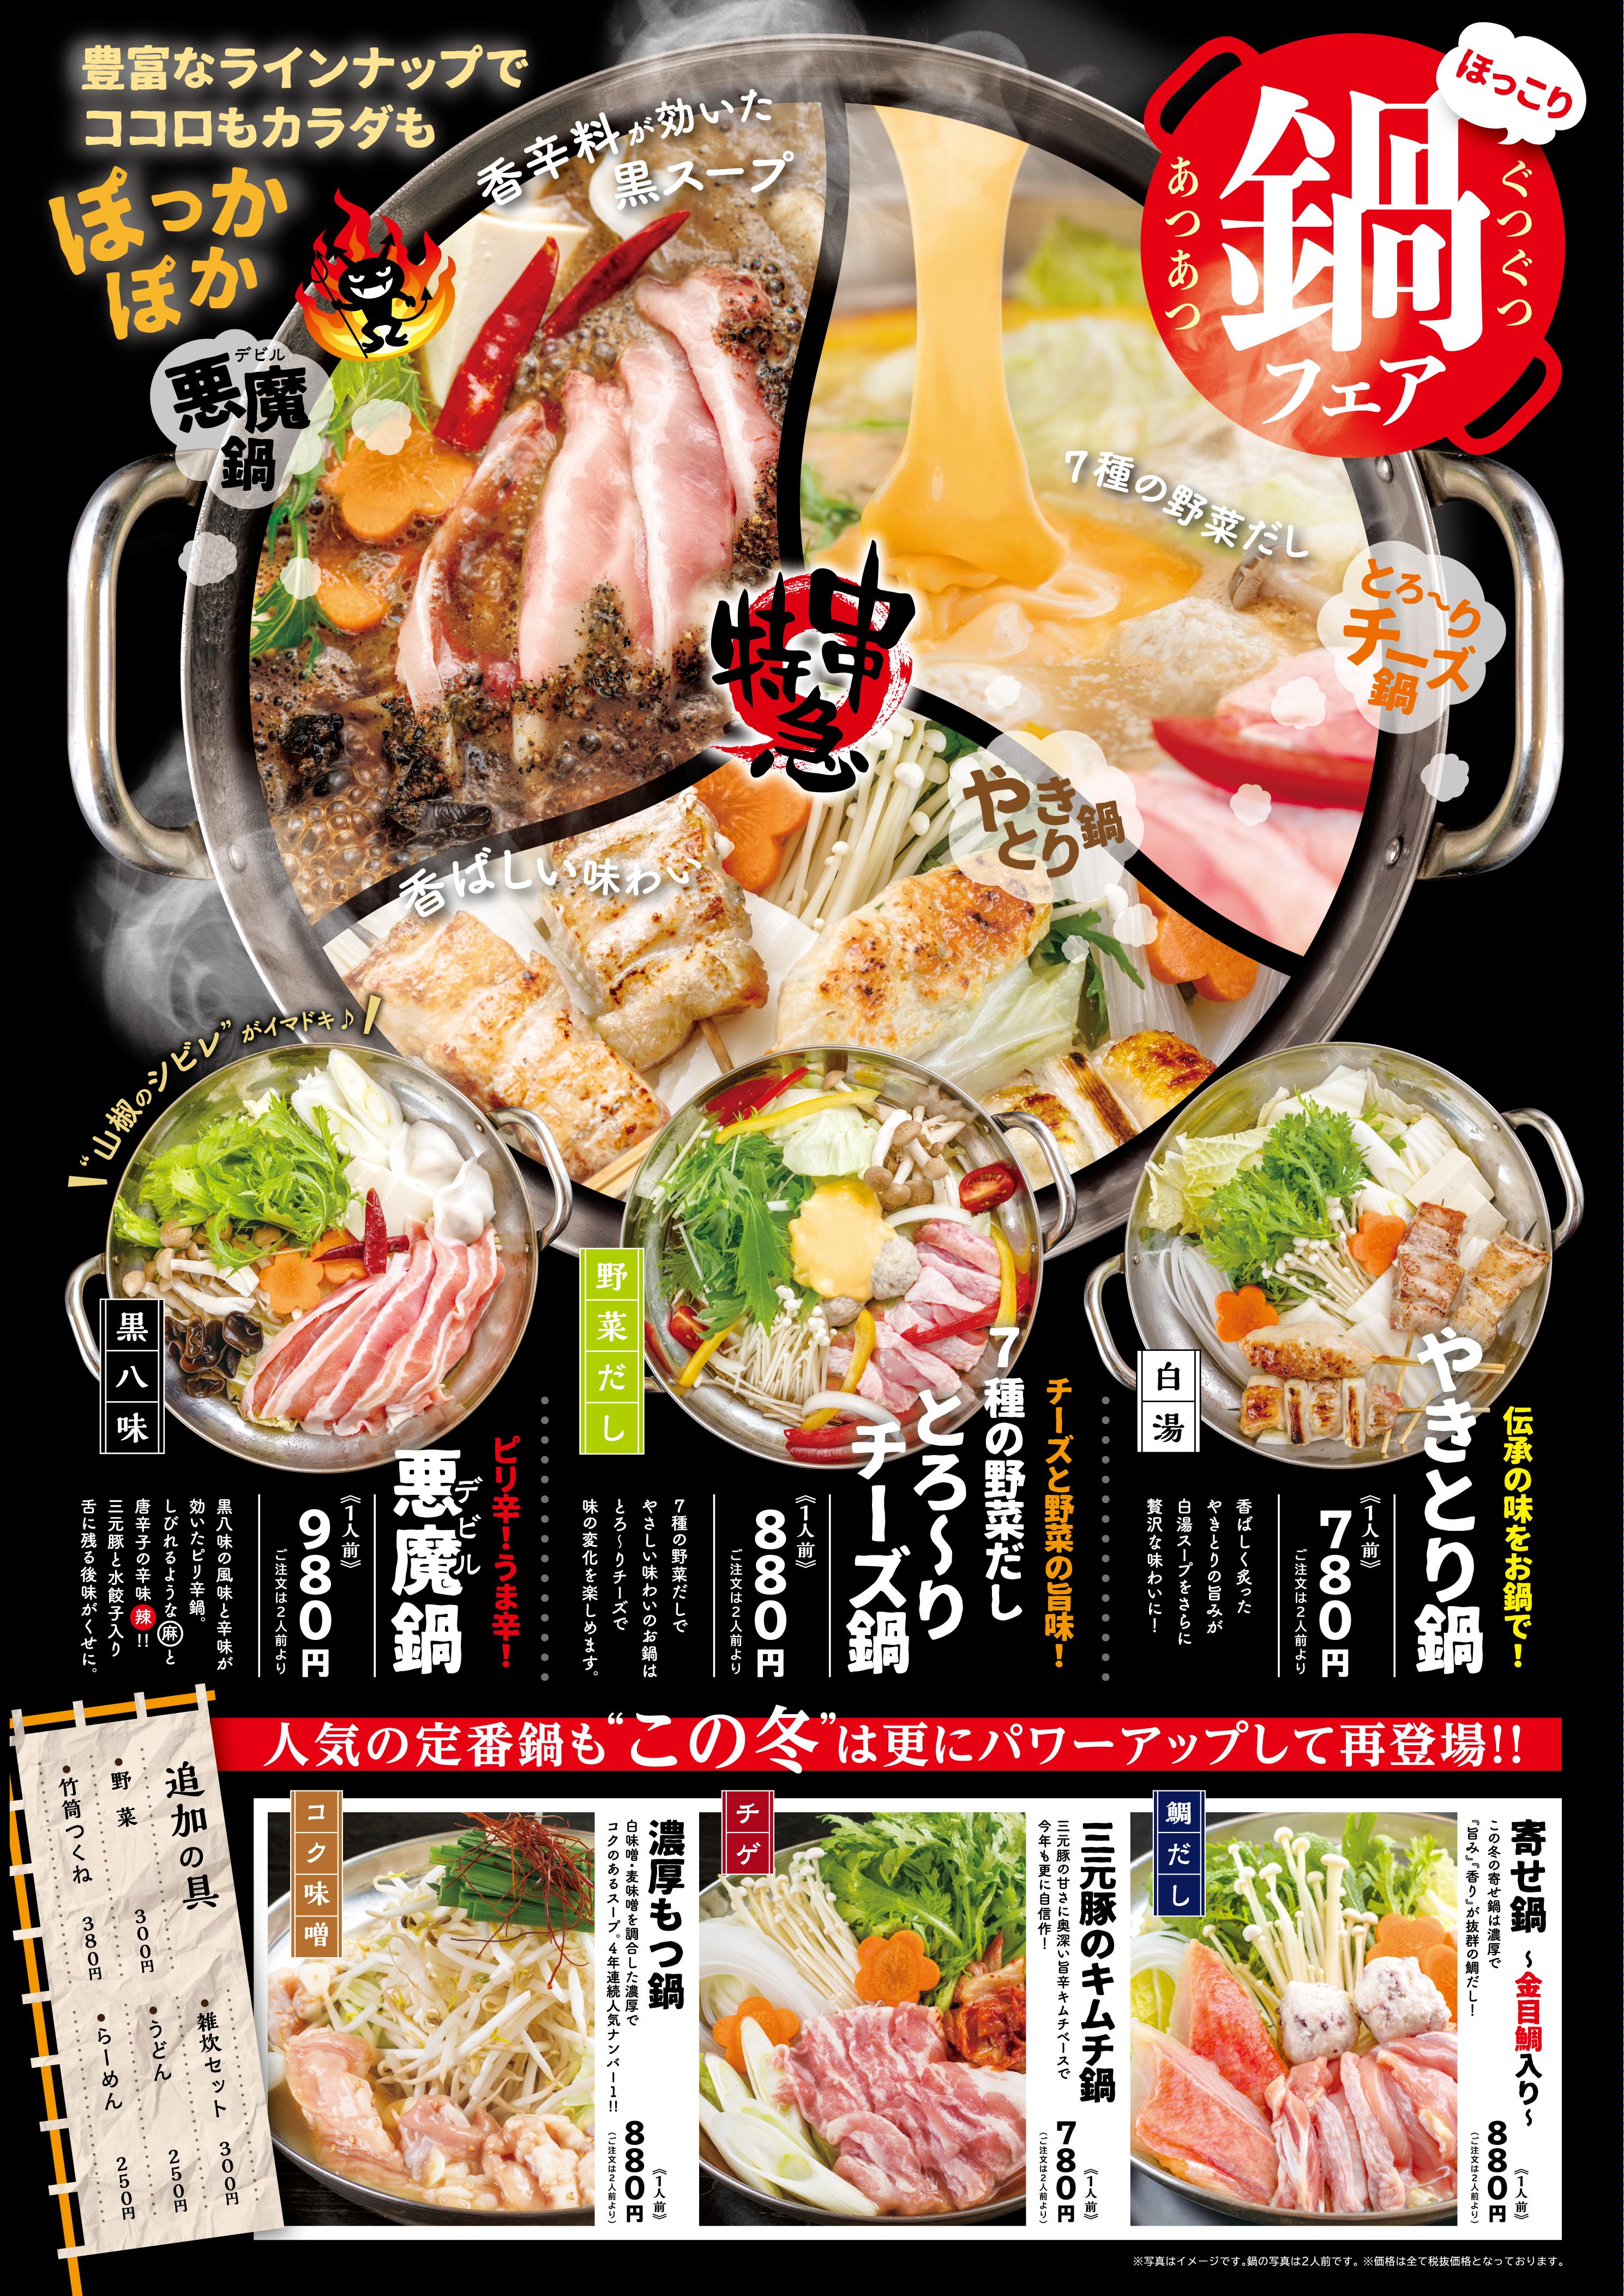 11月5日より期間限定「鍋フェア」がスタート!!